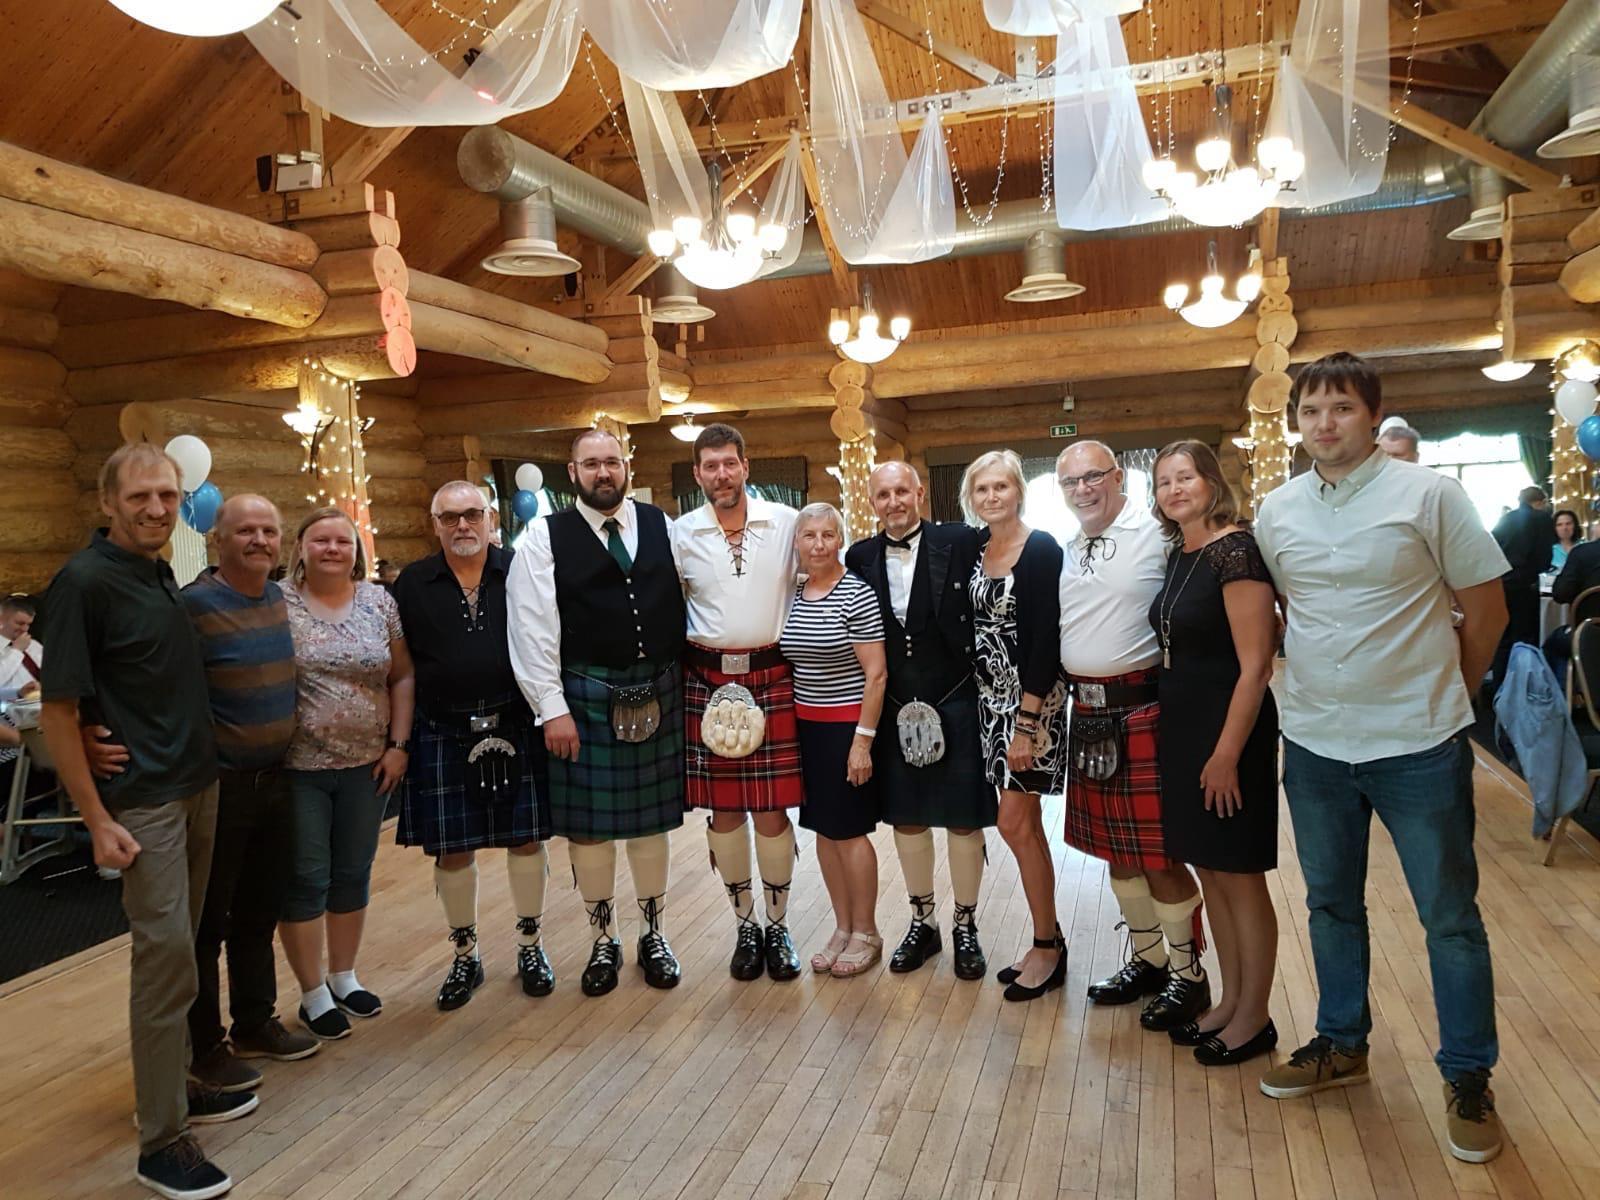 Kaare noolemängu võistlejad käisid rahvusvahelistel kurtide noolevõistlustel Šotimaal